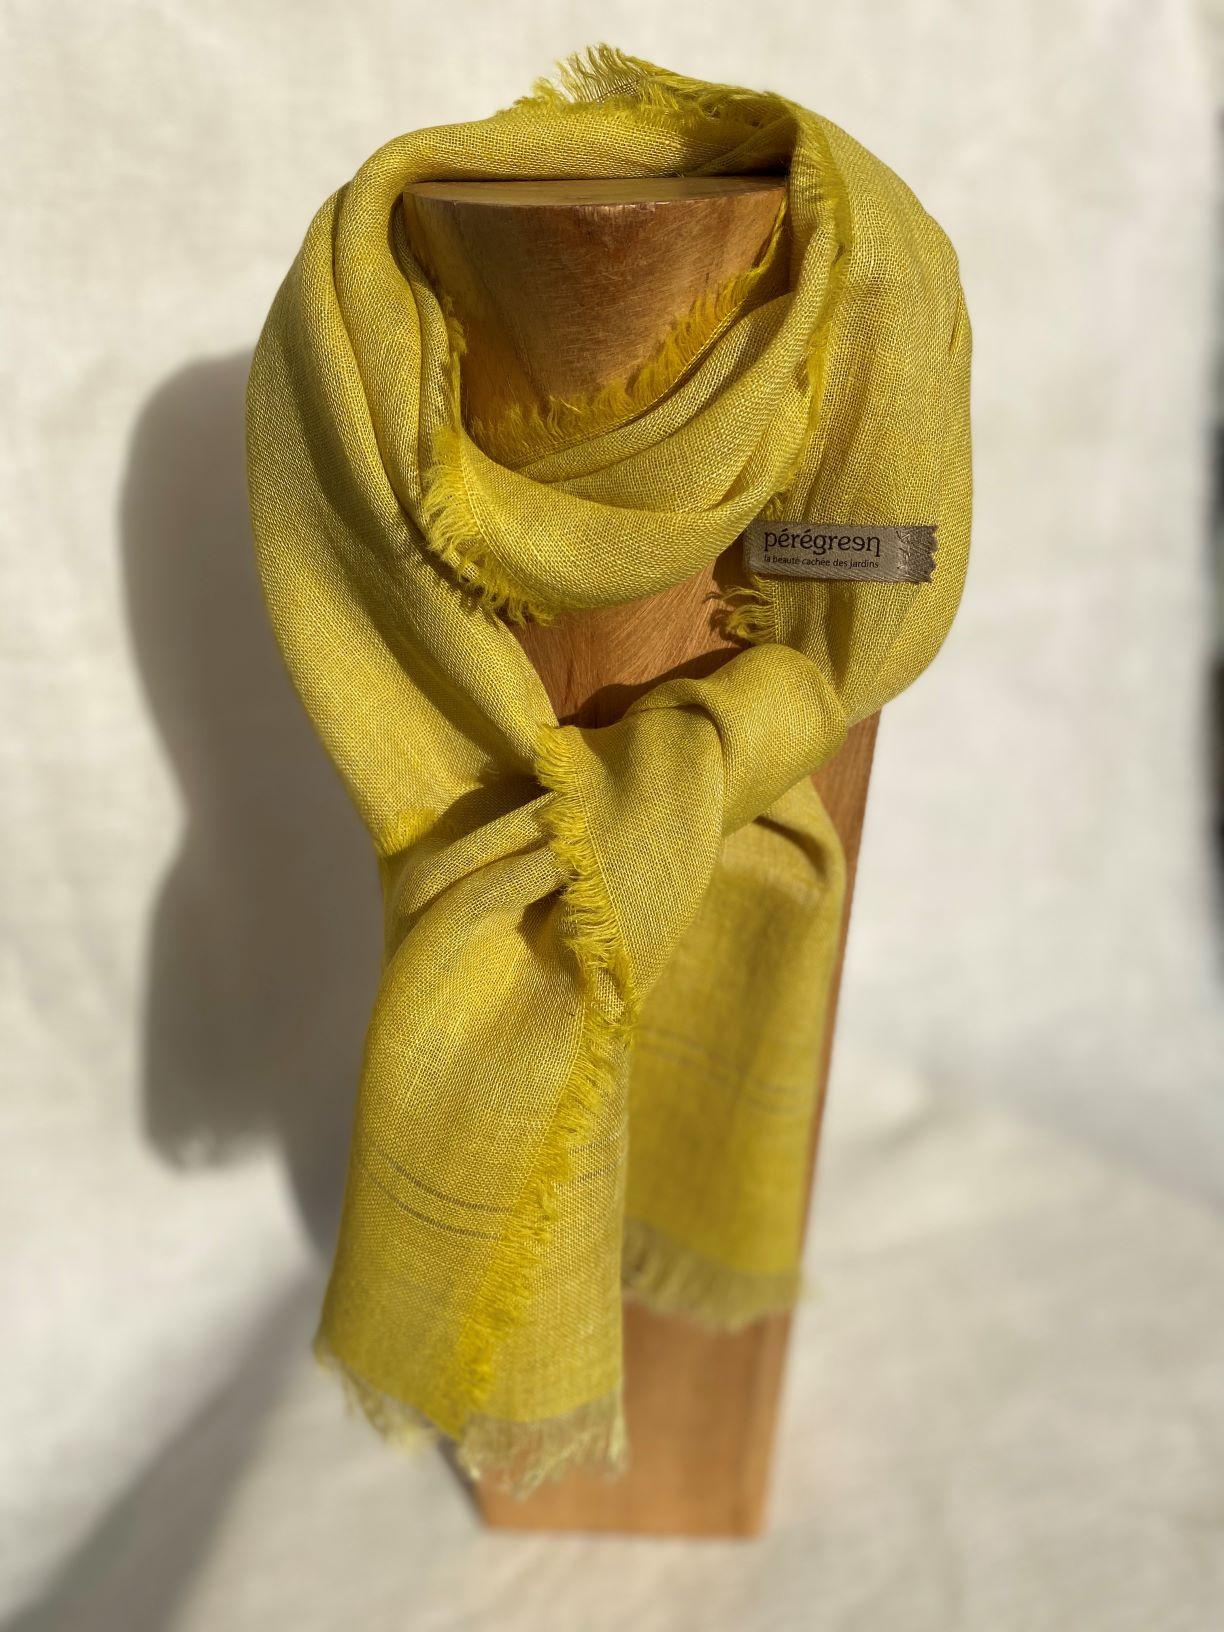 petit foulard jaune vif lin alpaga peregreen